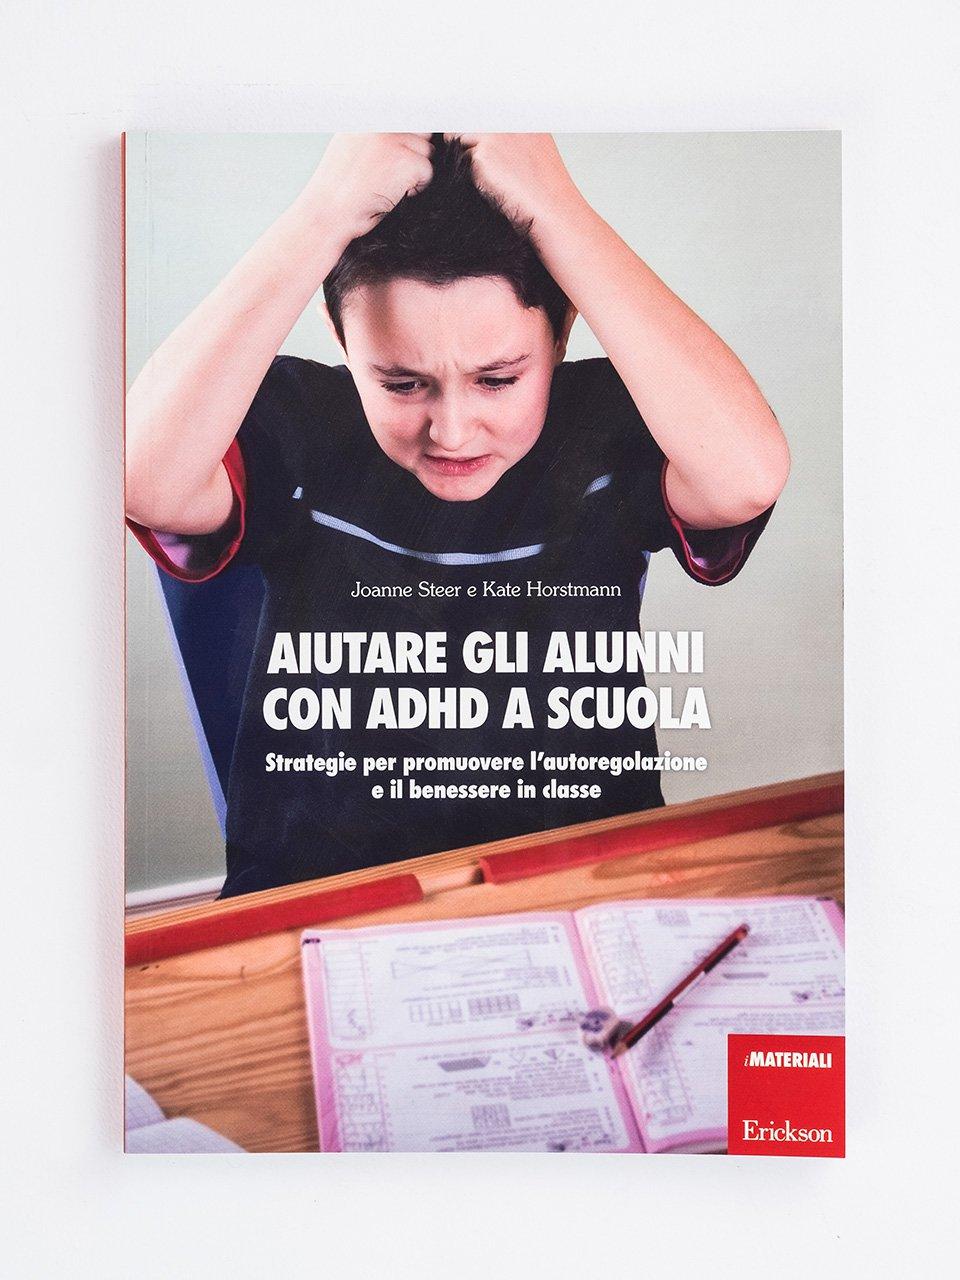 Aiutare gli alunni con ADHD a scuola - Un'offerta completa di libri e corsi di formazione sul Disturbo da Deficit di Attenzione e Iperattività nei bambini. Scopri sul sito